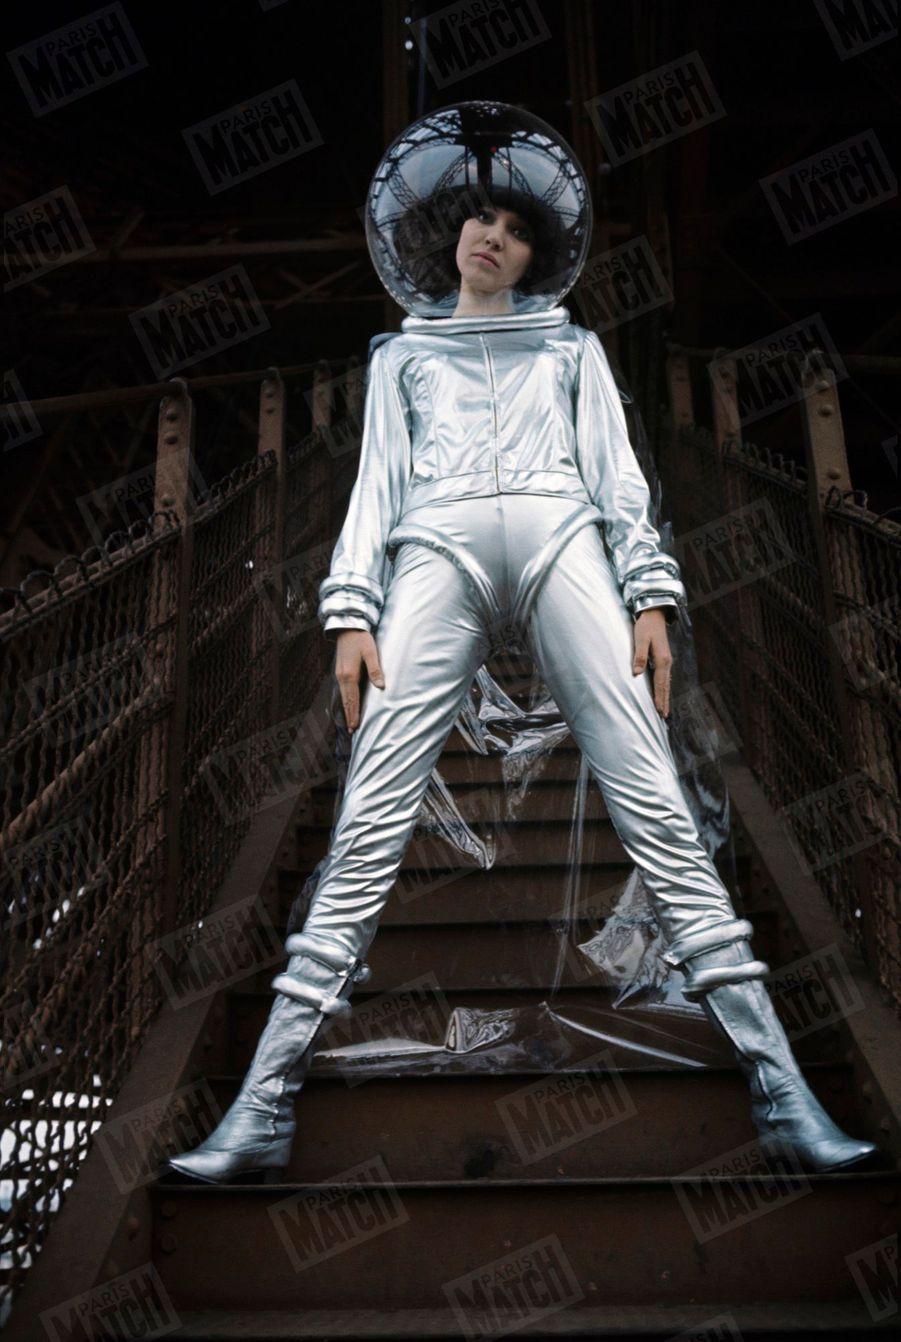 """Anna Karina sur les marches d'un escalier de la Tour Eiffel, lors du tournage de la comédie musicale """"Anna"""", en mars 1966."""